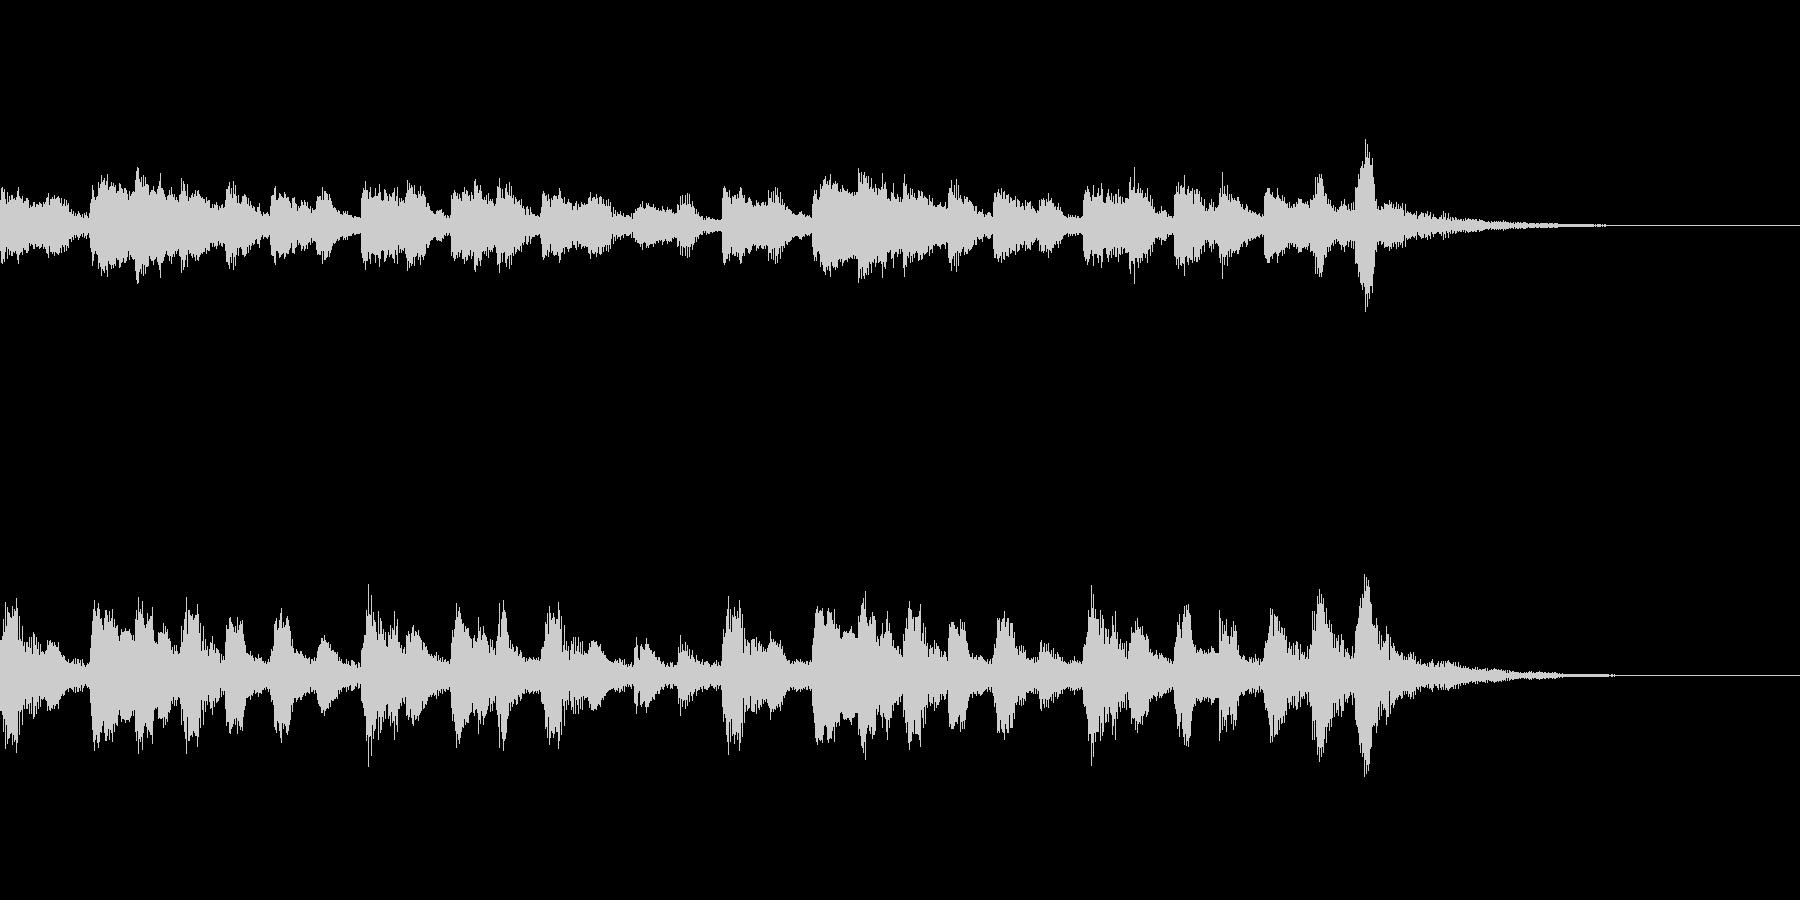 【森の散歩道】ショートヴァージョンBGMの未再生の波形